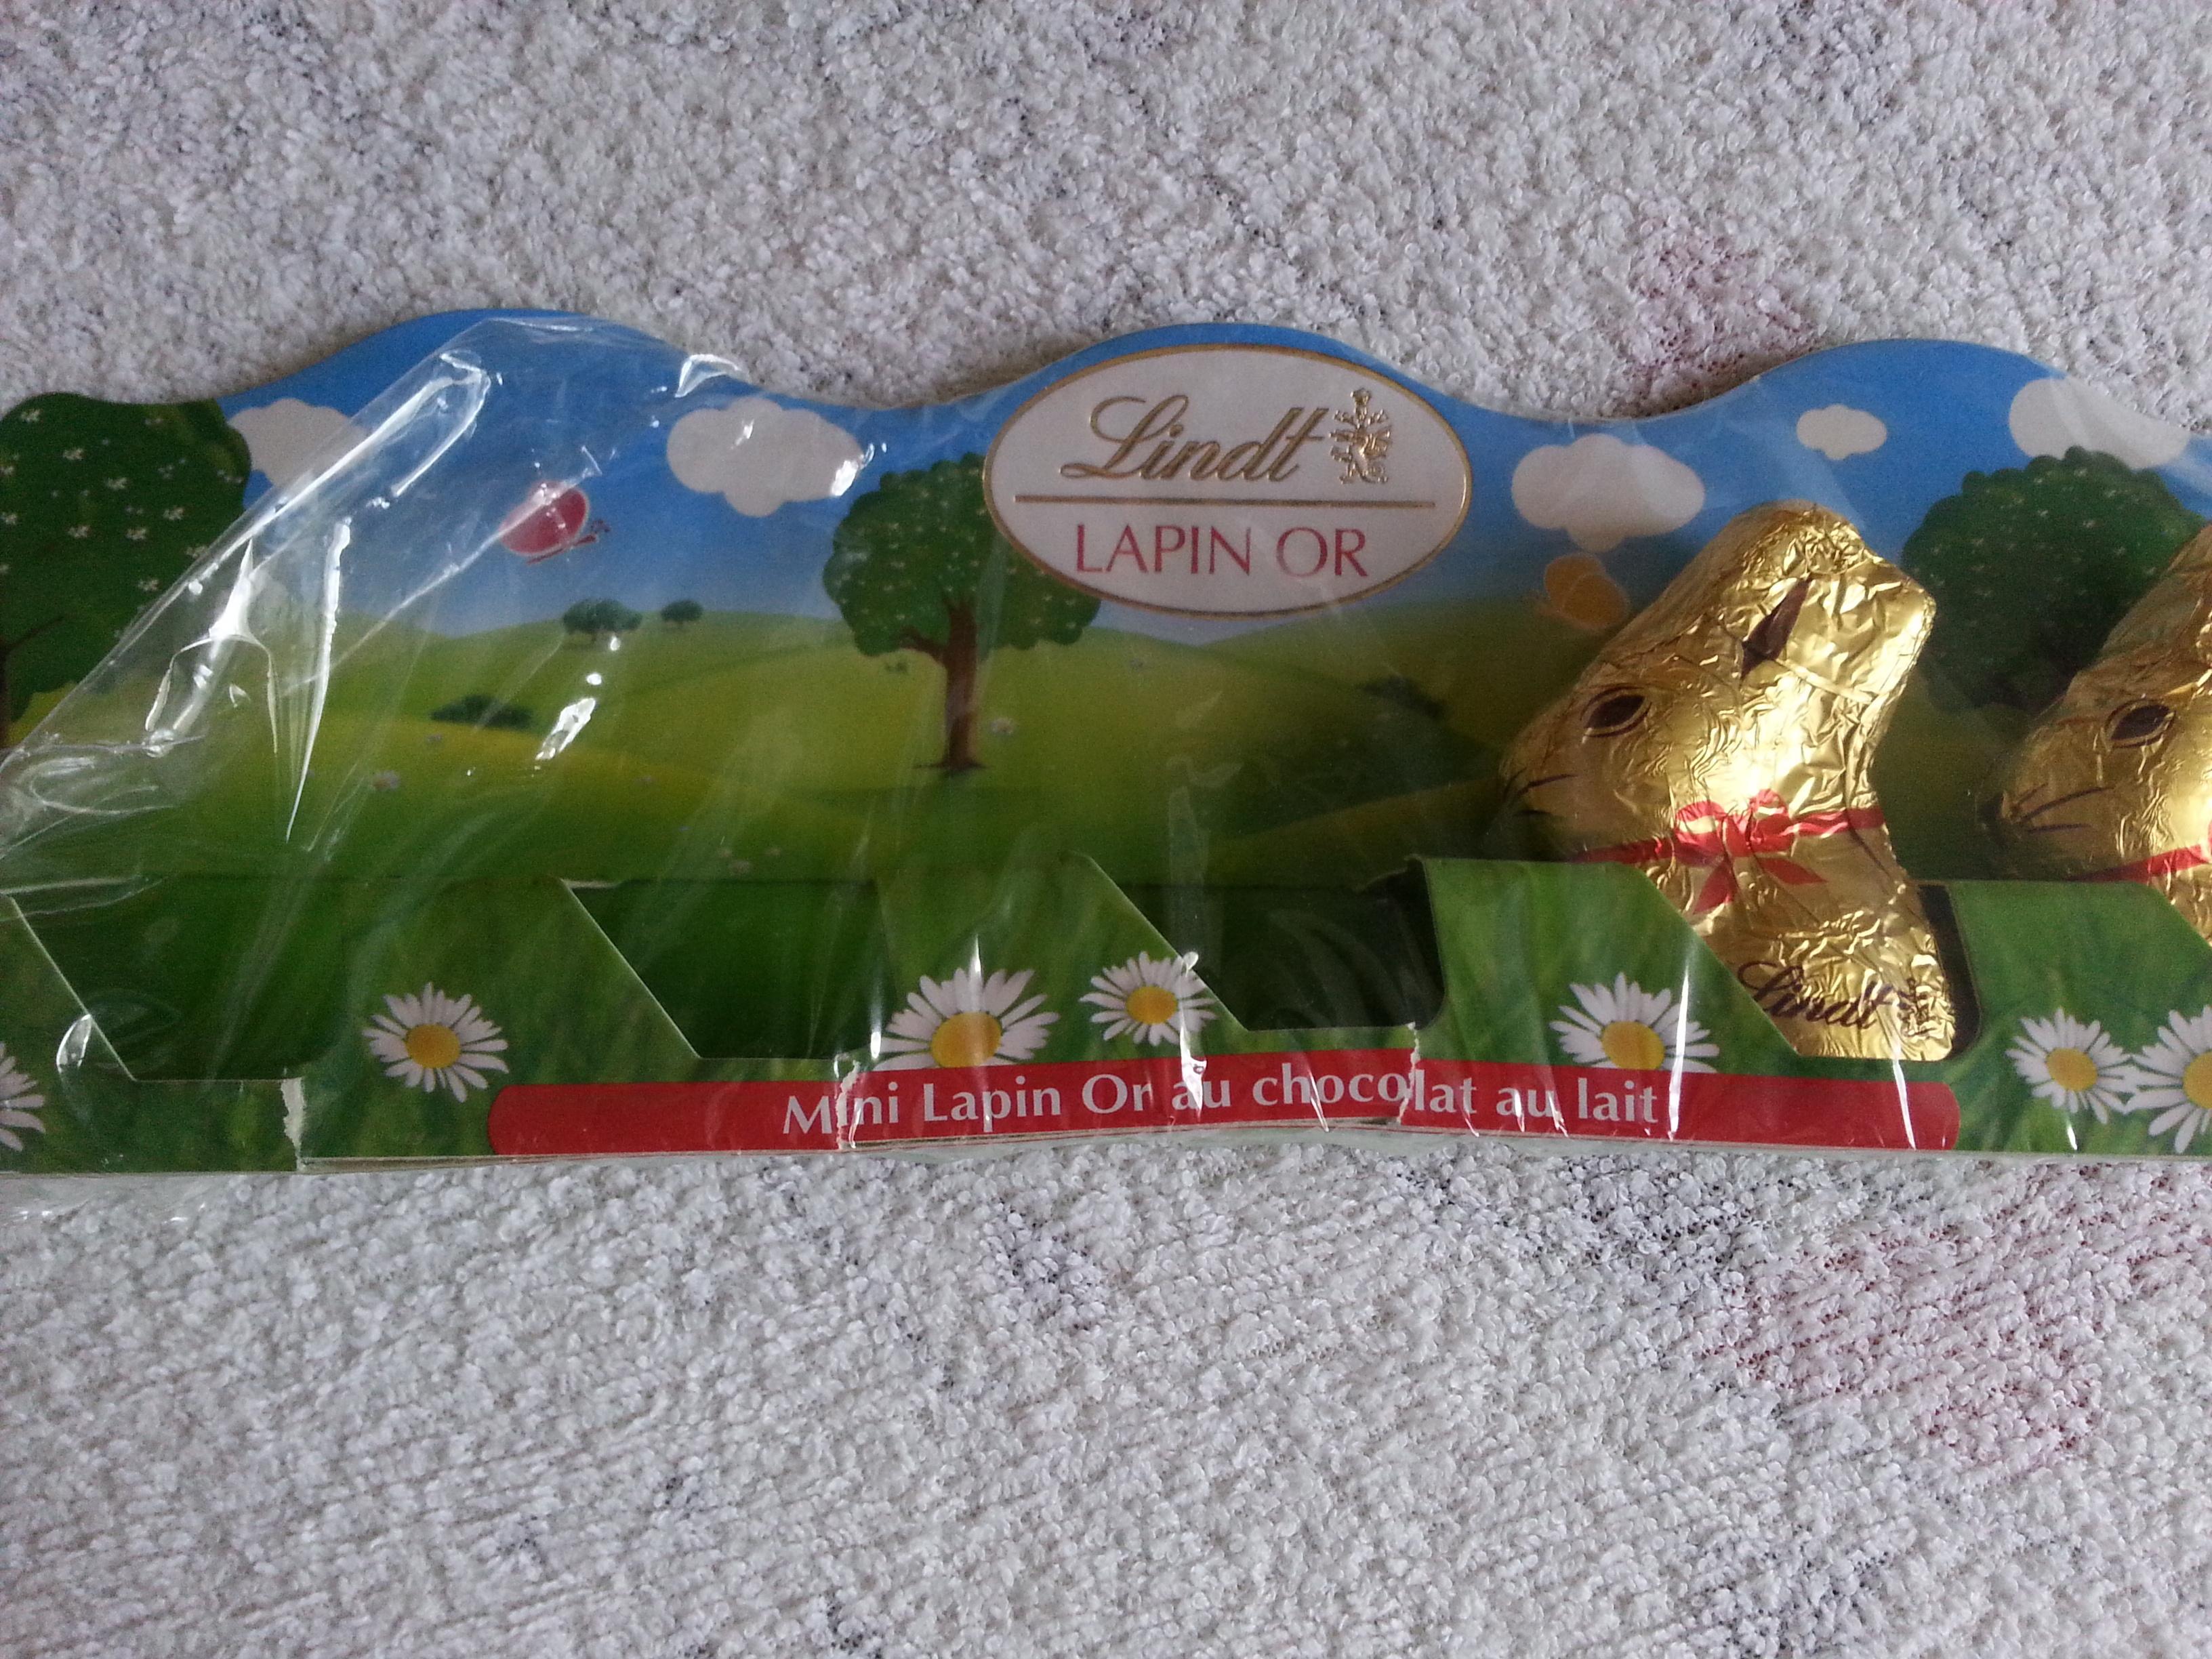 Mini lapin or au chocolat au lait - Product - fr